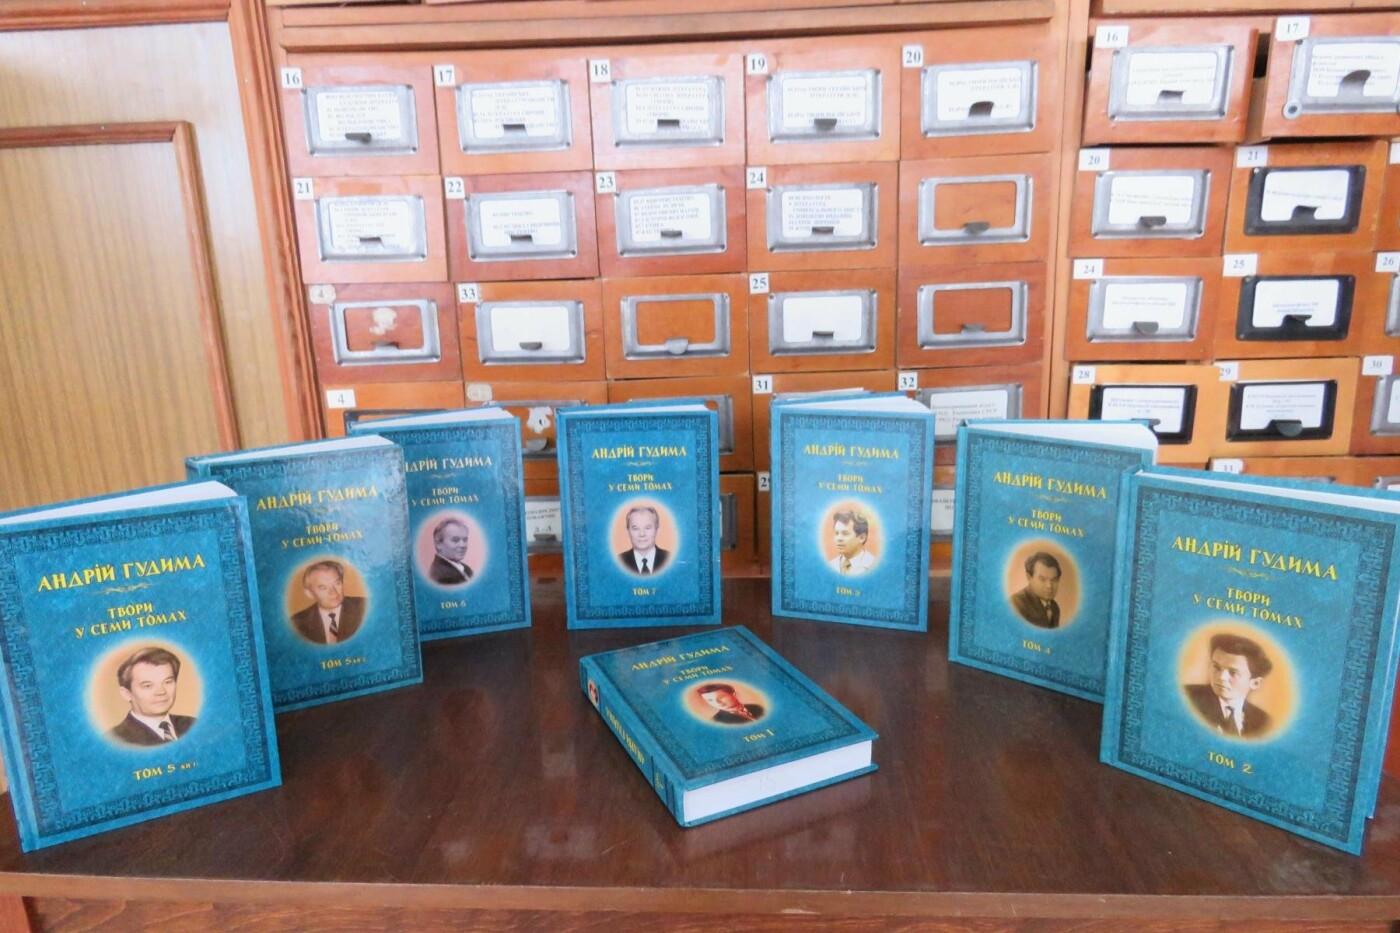 У Білій Церкві презентували семитомне зібрання творів Андрія Гудими